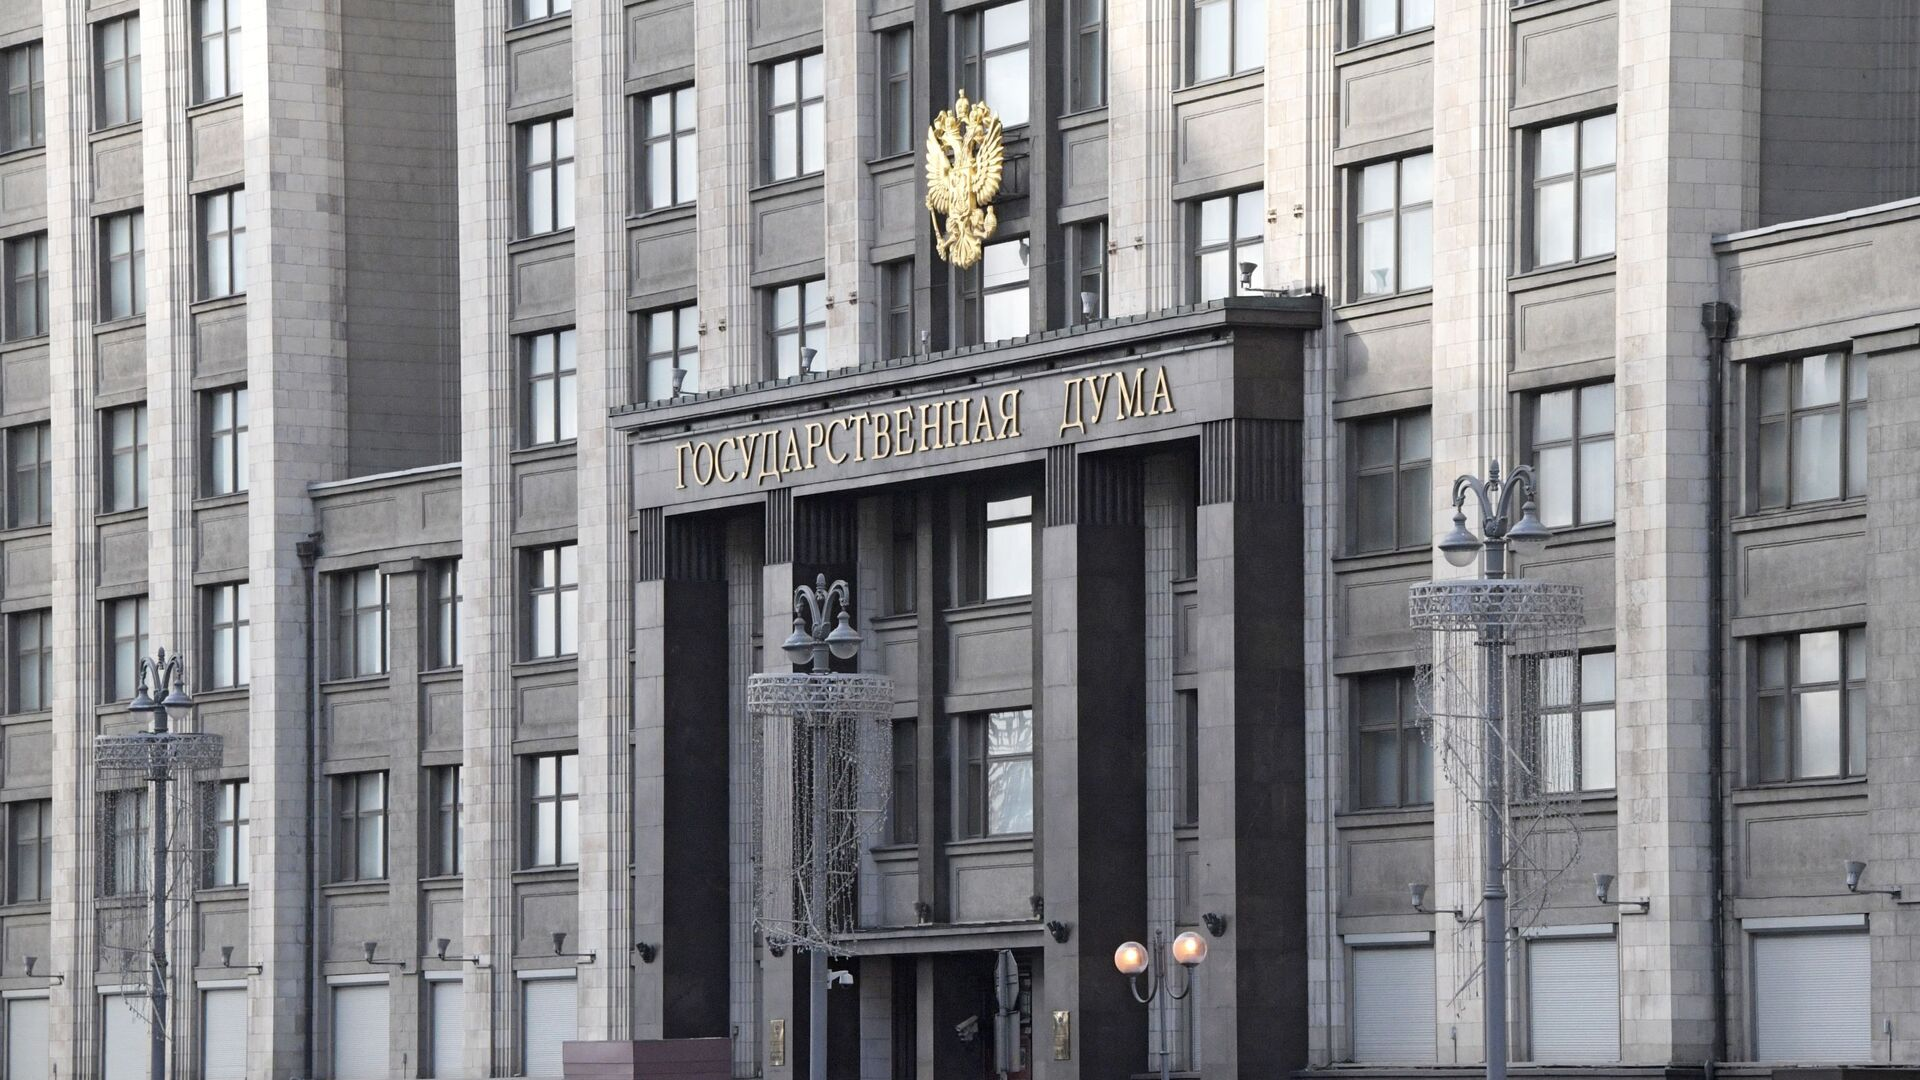 Здание Государственной Думы РФ - РИА Новости, 1920, 23.09.2020